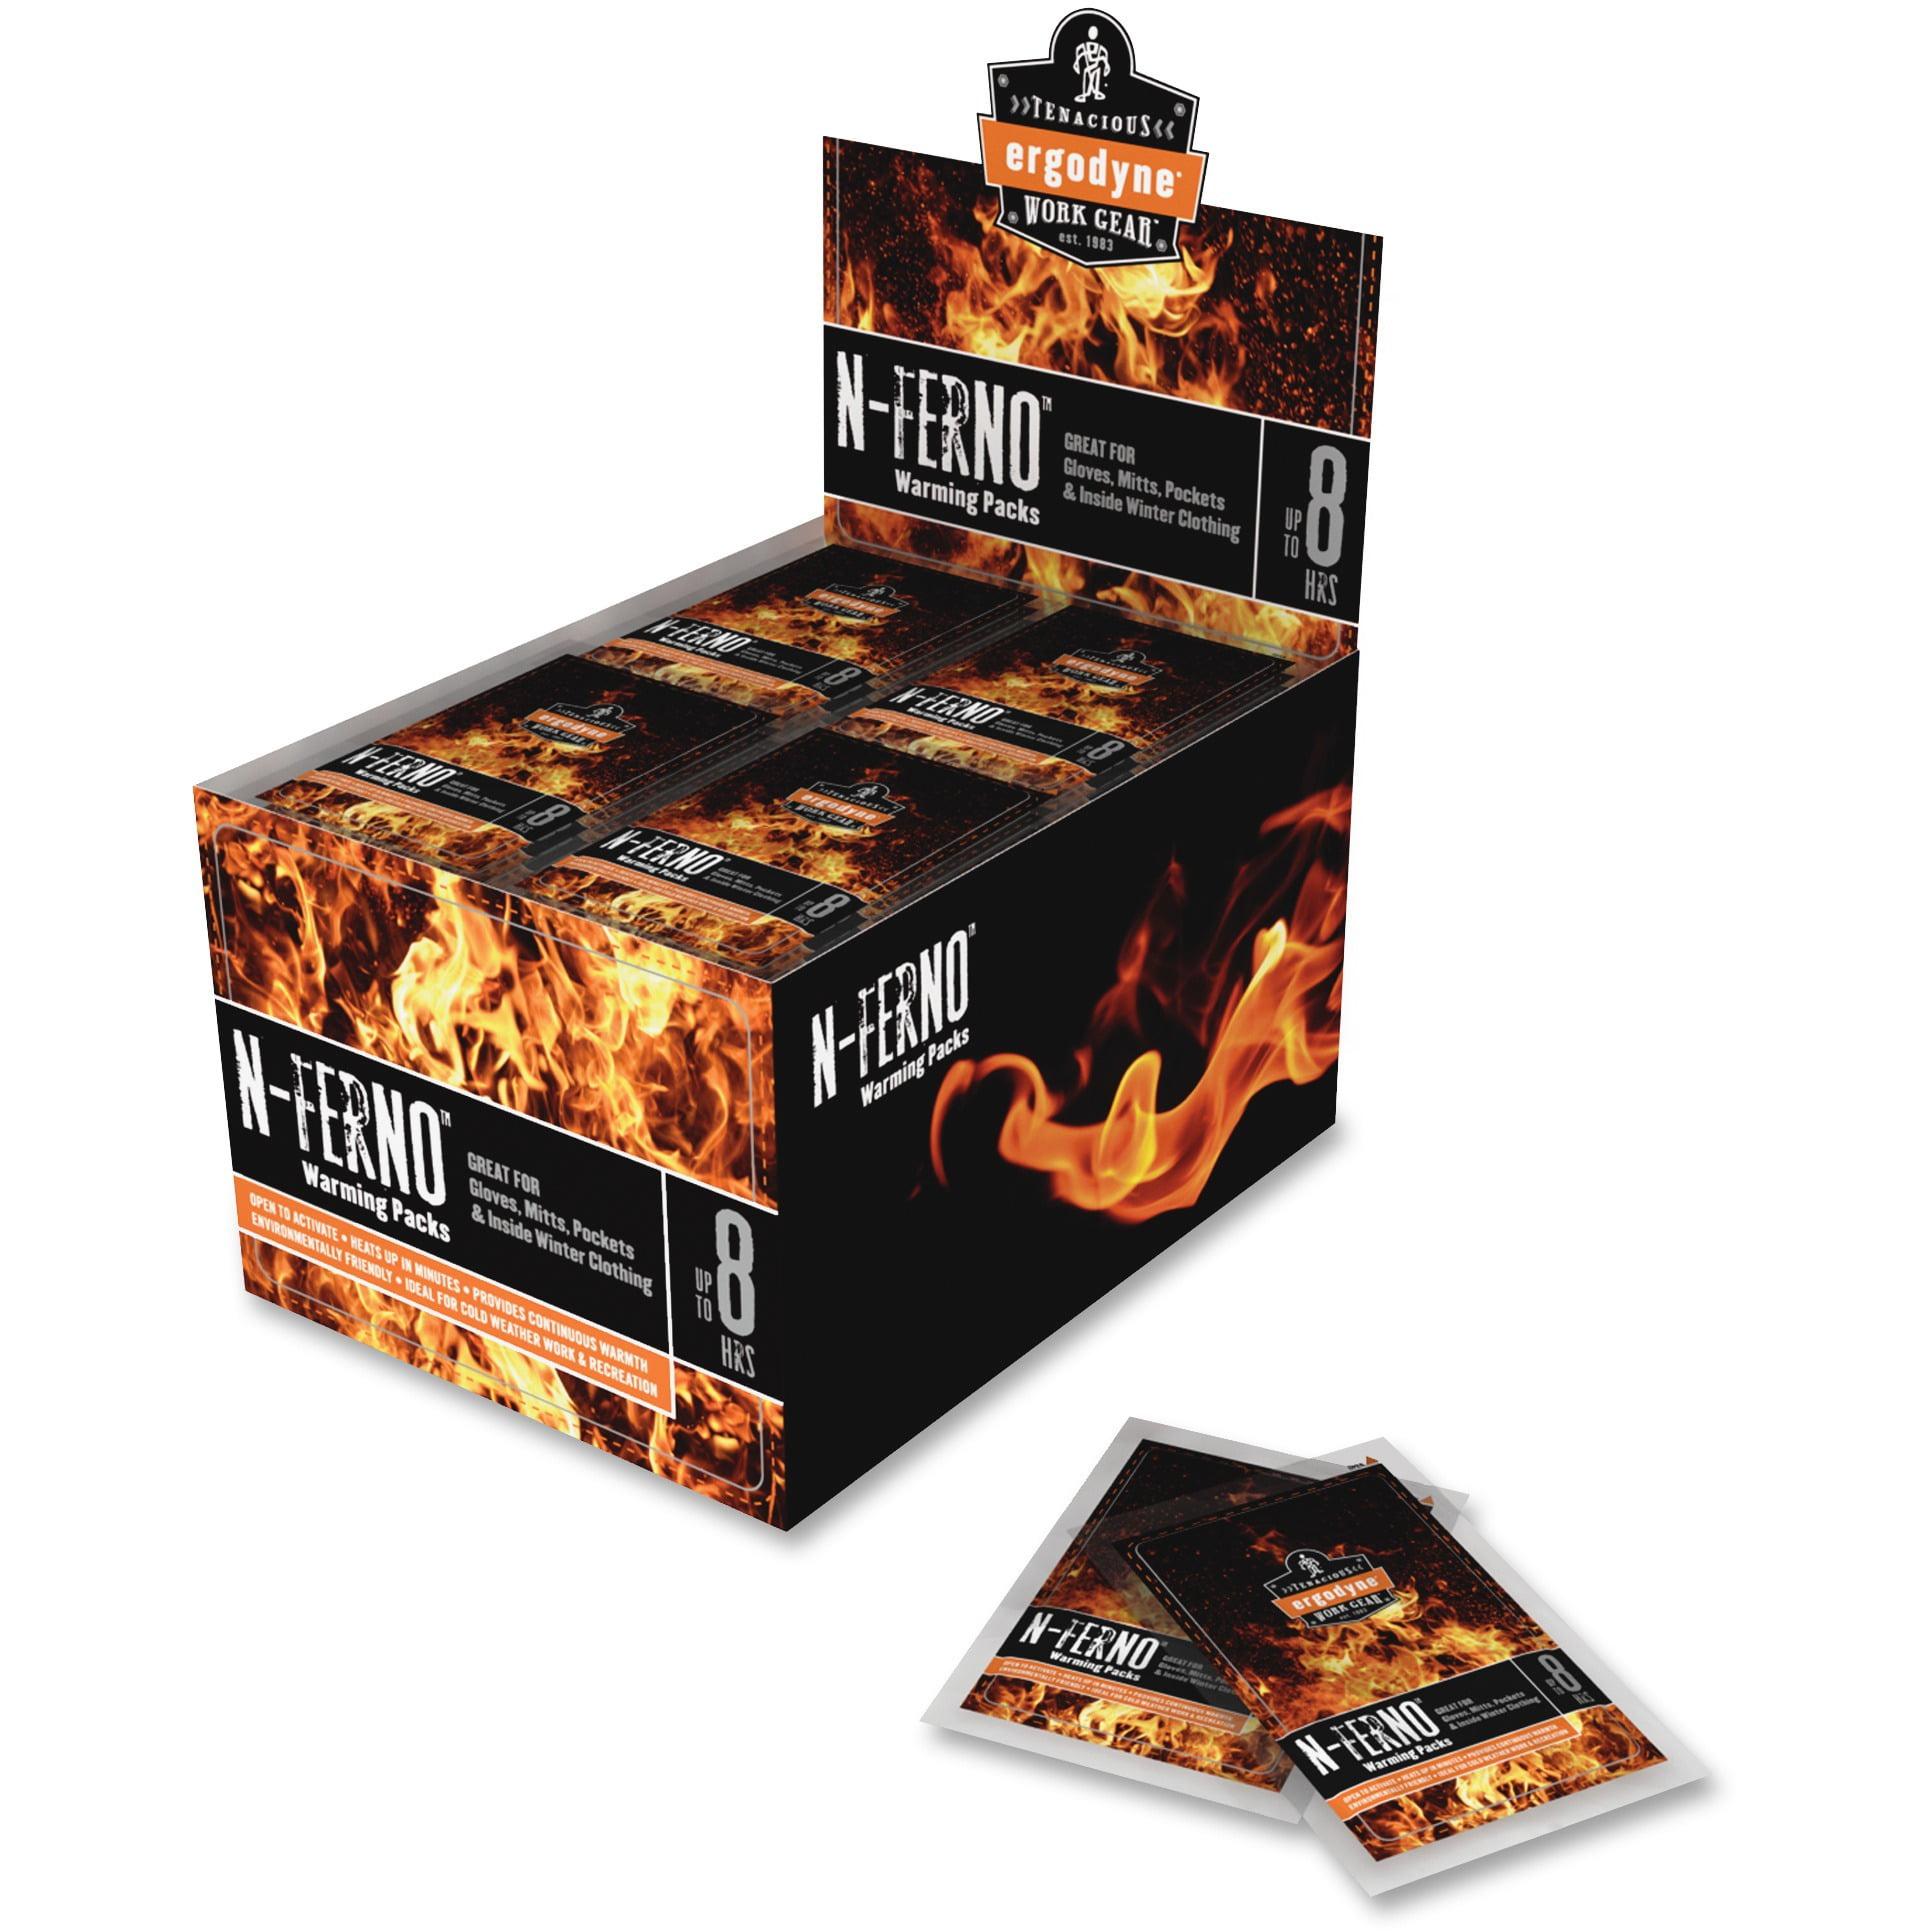 Ergodyne, EGO16990, N-Ferno Warming Packs, 80 / Box, White